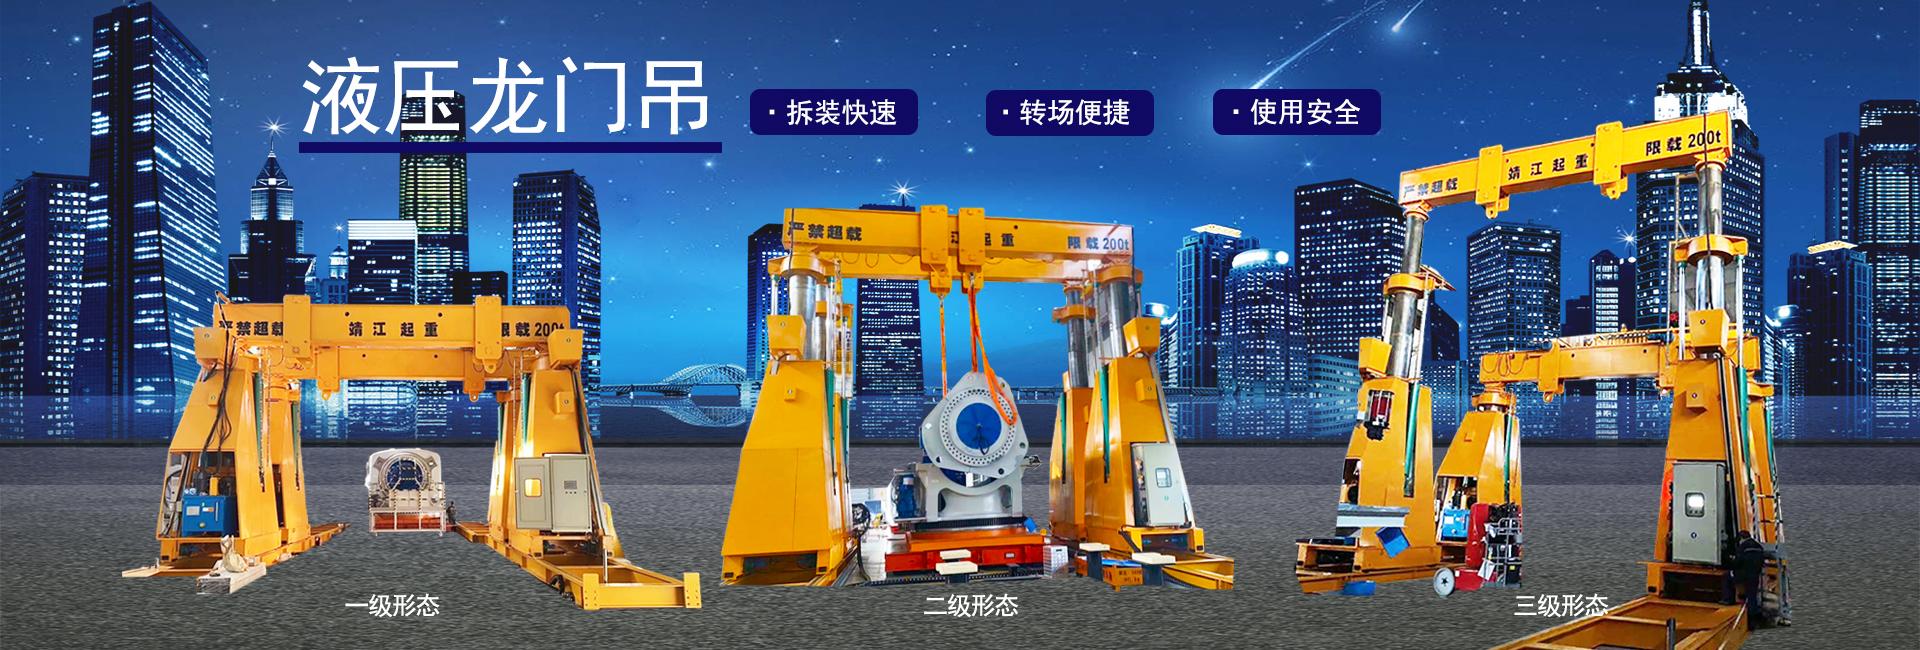 宝威液压龙门吊,模块化组装,可快速组装、拆卸、运输,转运方便